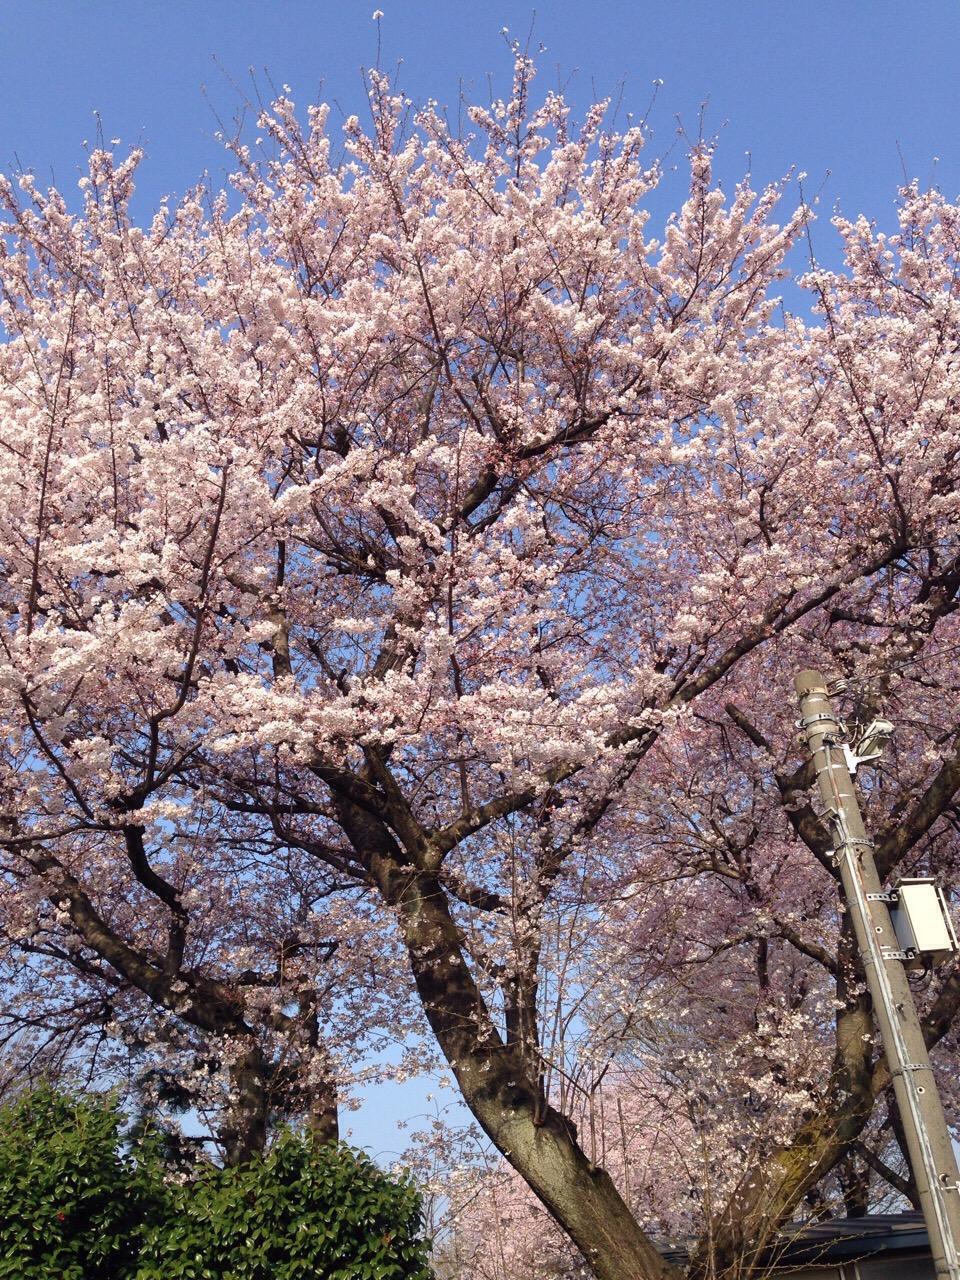 熟女NHヘルス孃・レディー舞の袖振り合うも他生の縁|あっと言う間に桜の季節